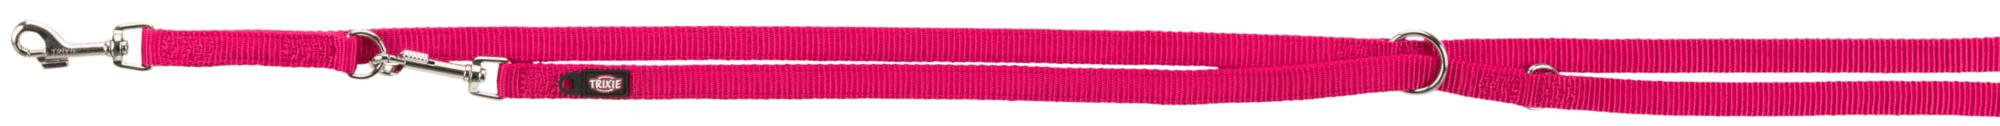 TRIXIE Premium V~Leine, doppelt TRIXIE Premium V-Leine, doppellagig, XS–S: 2,00 m/15 mm, fuchsia